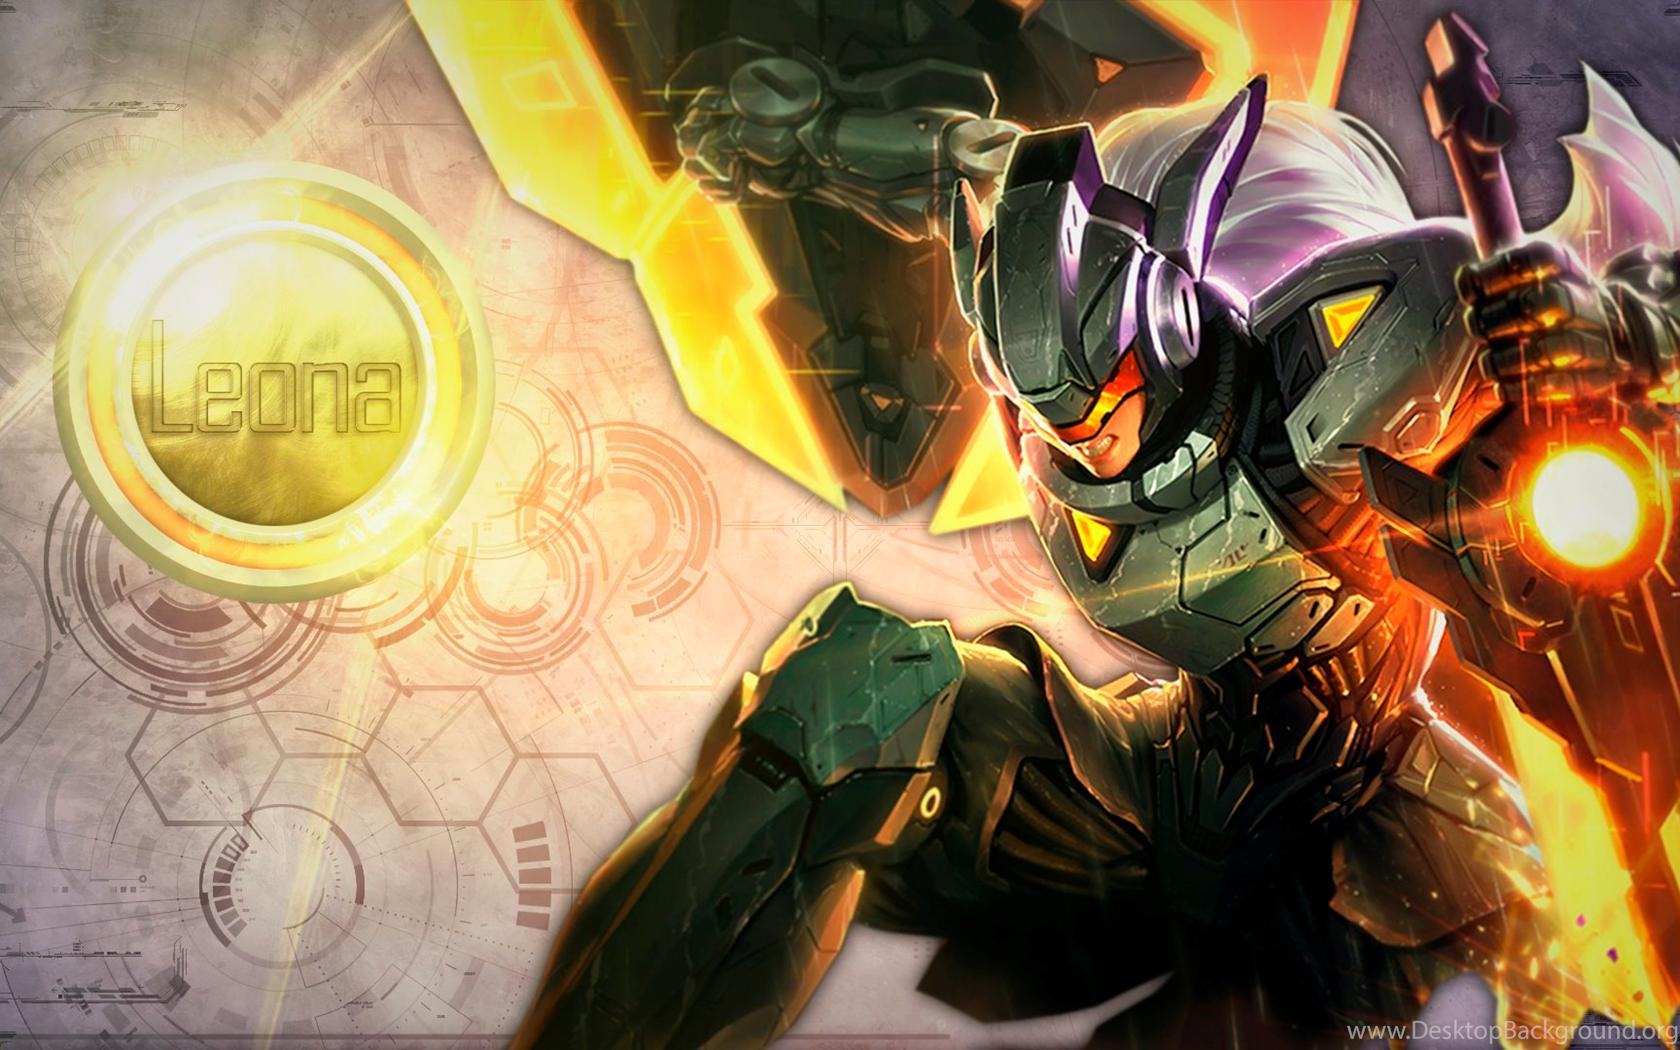 Project Leona Fan Art League Of Legends Wallpapers Desktop Background